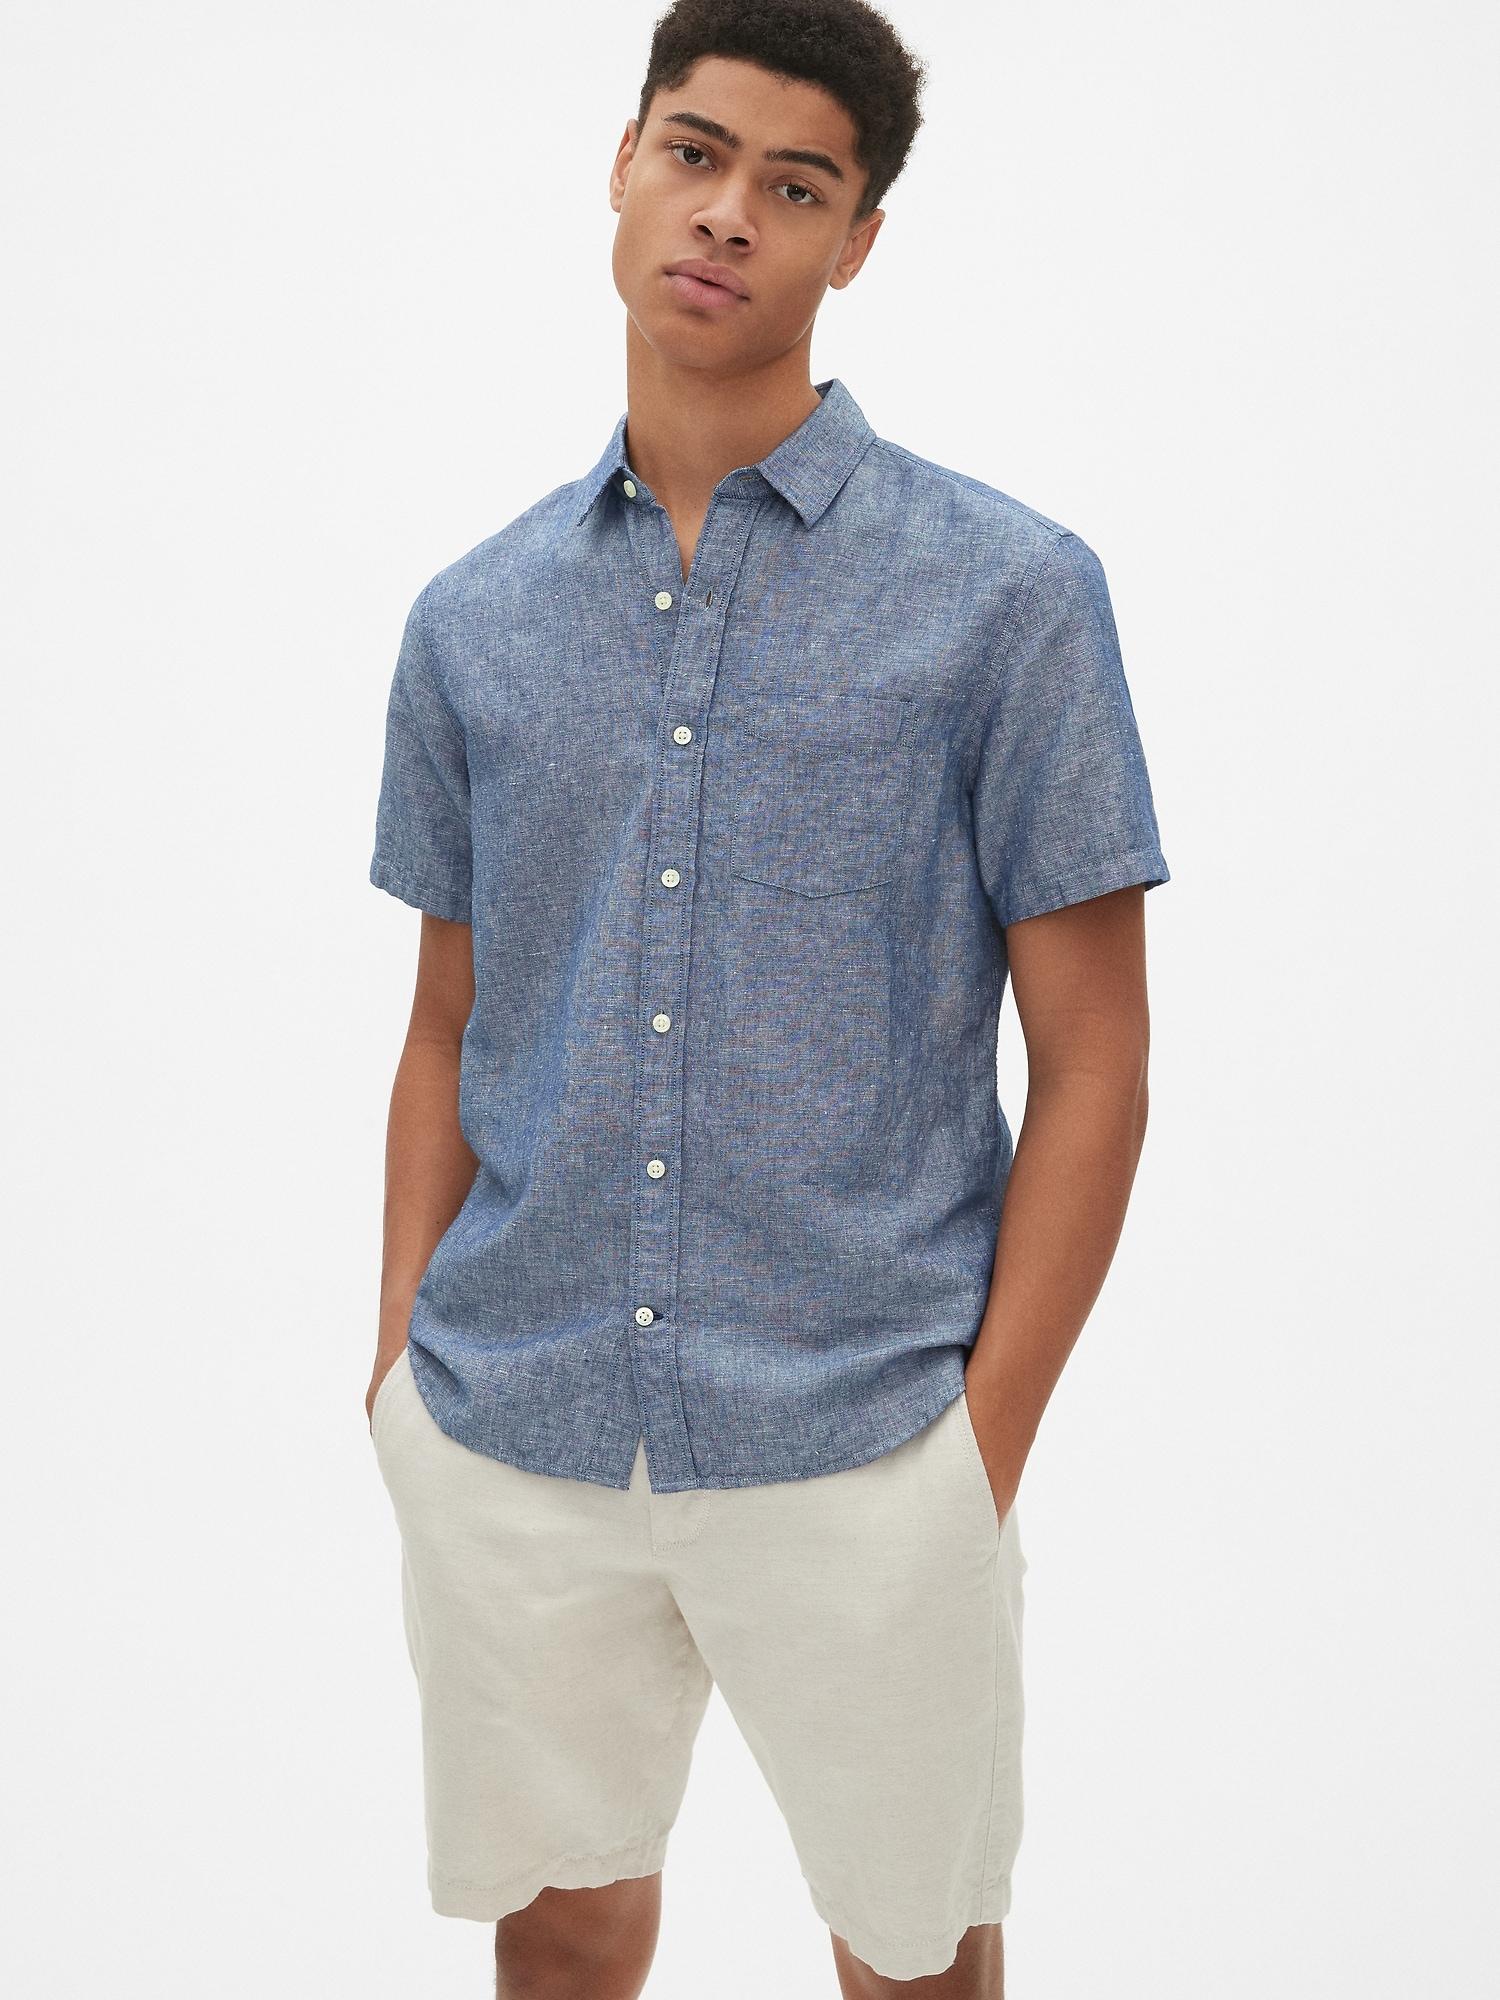 72d080b755 Linen-Cotton Short Sleeve Shirt | Gap